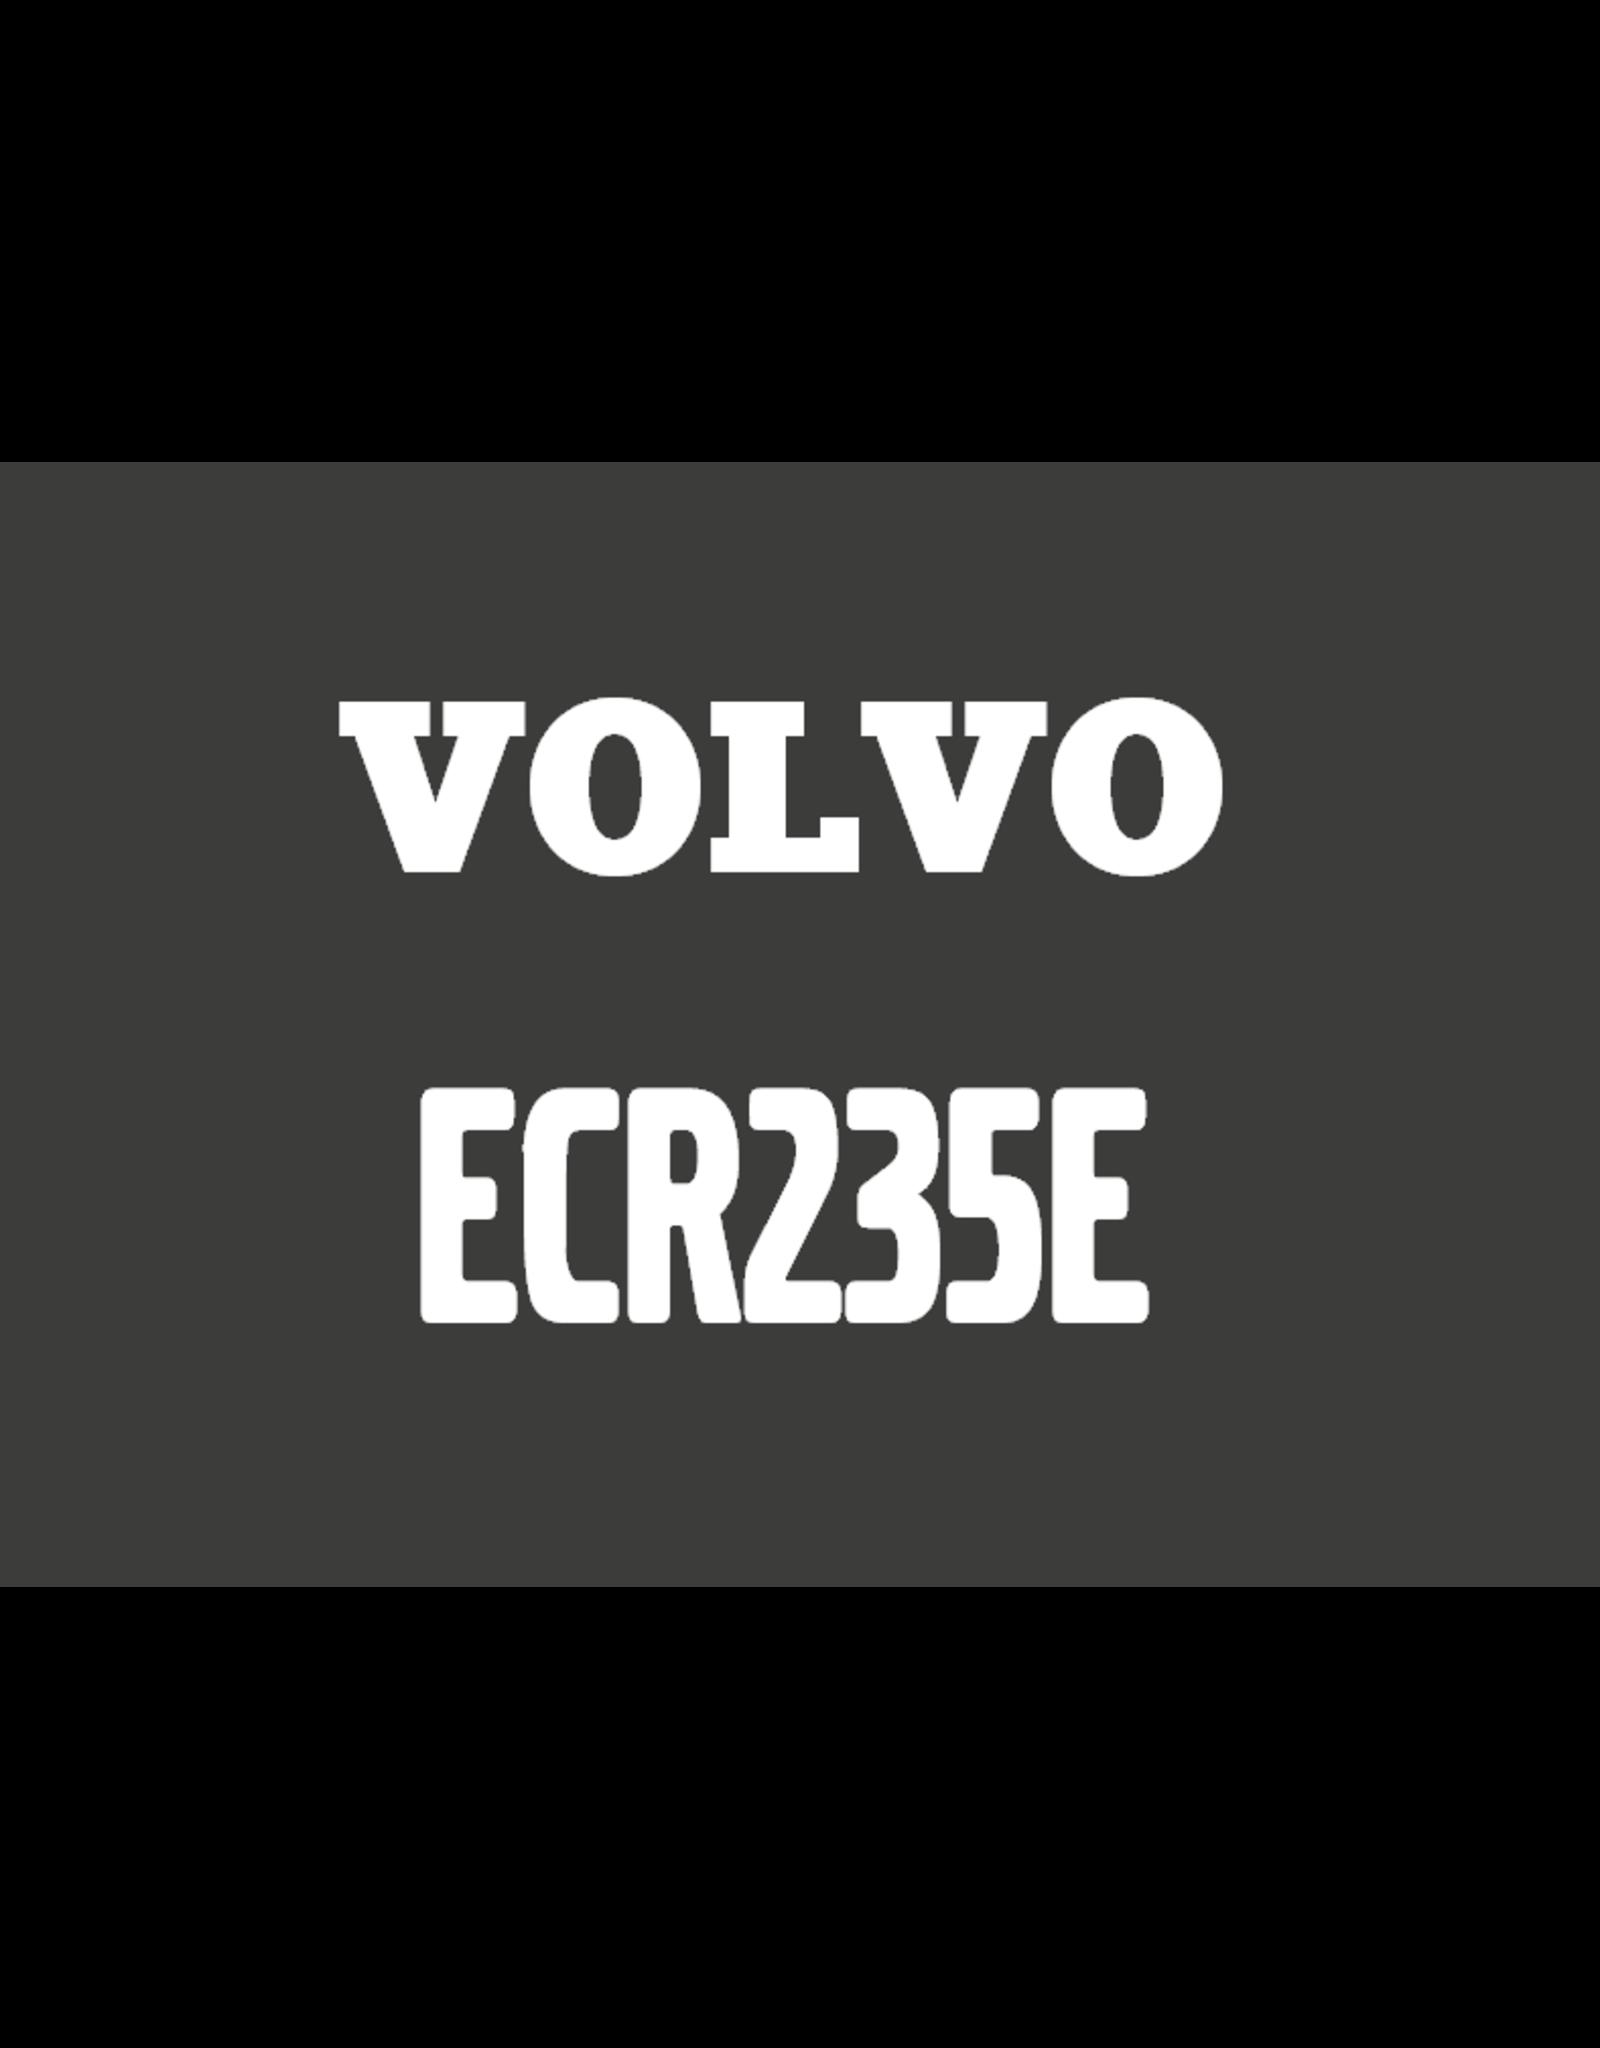 Echle Hartstahl GmbH FOPS for Volvo ECR235E